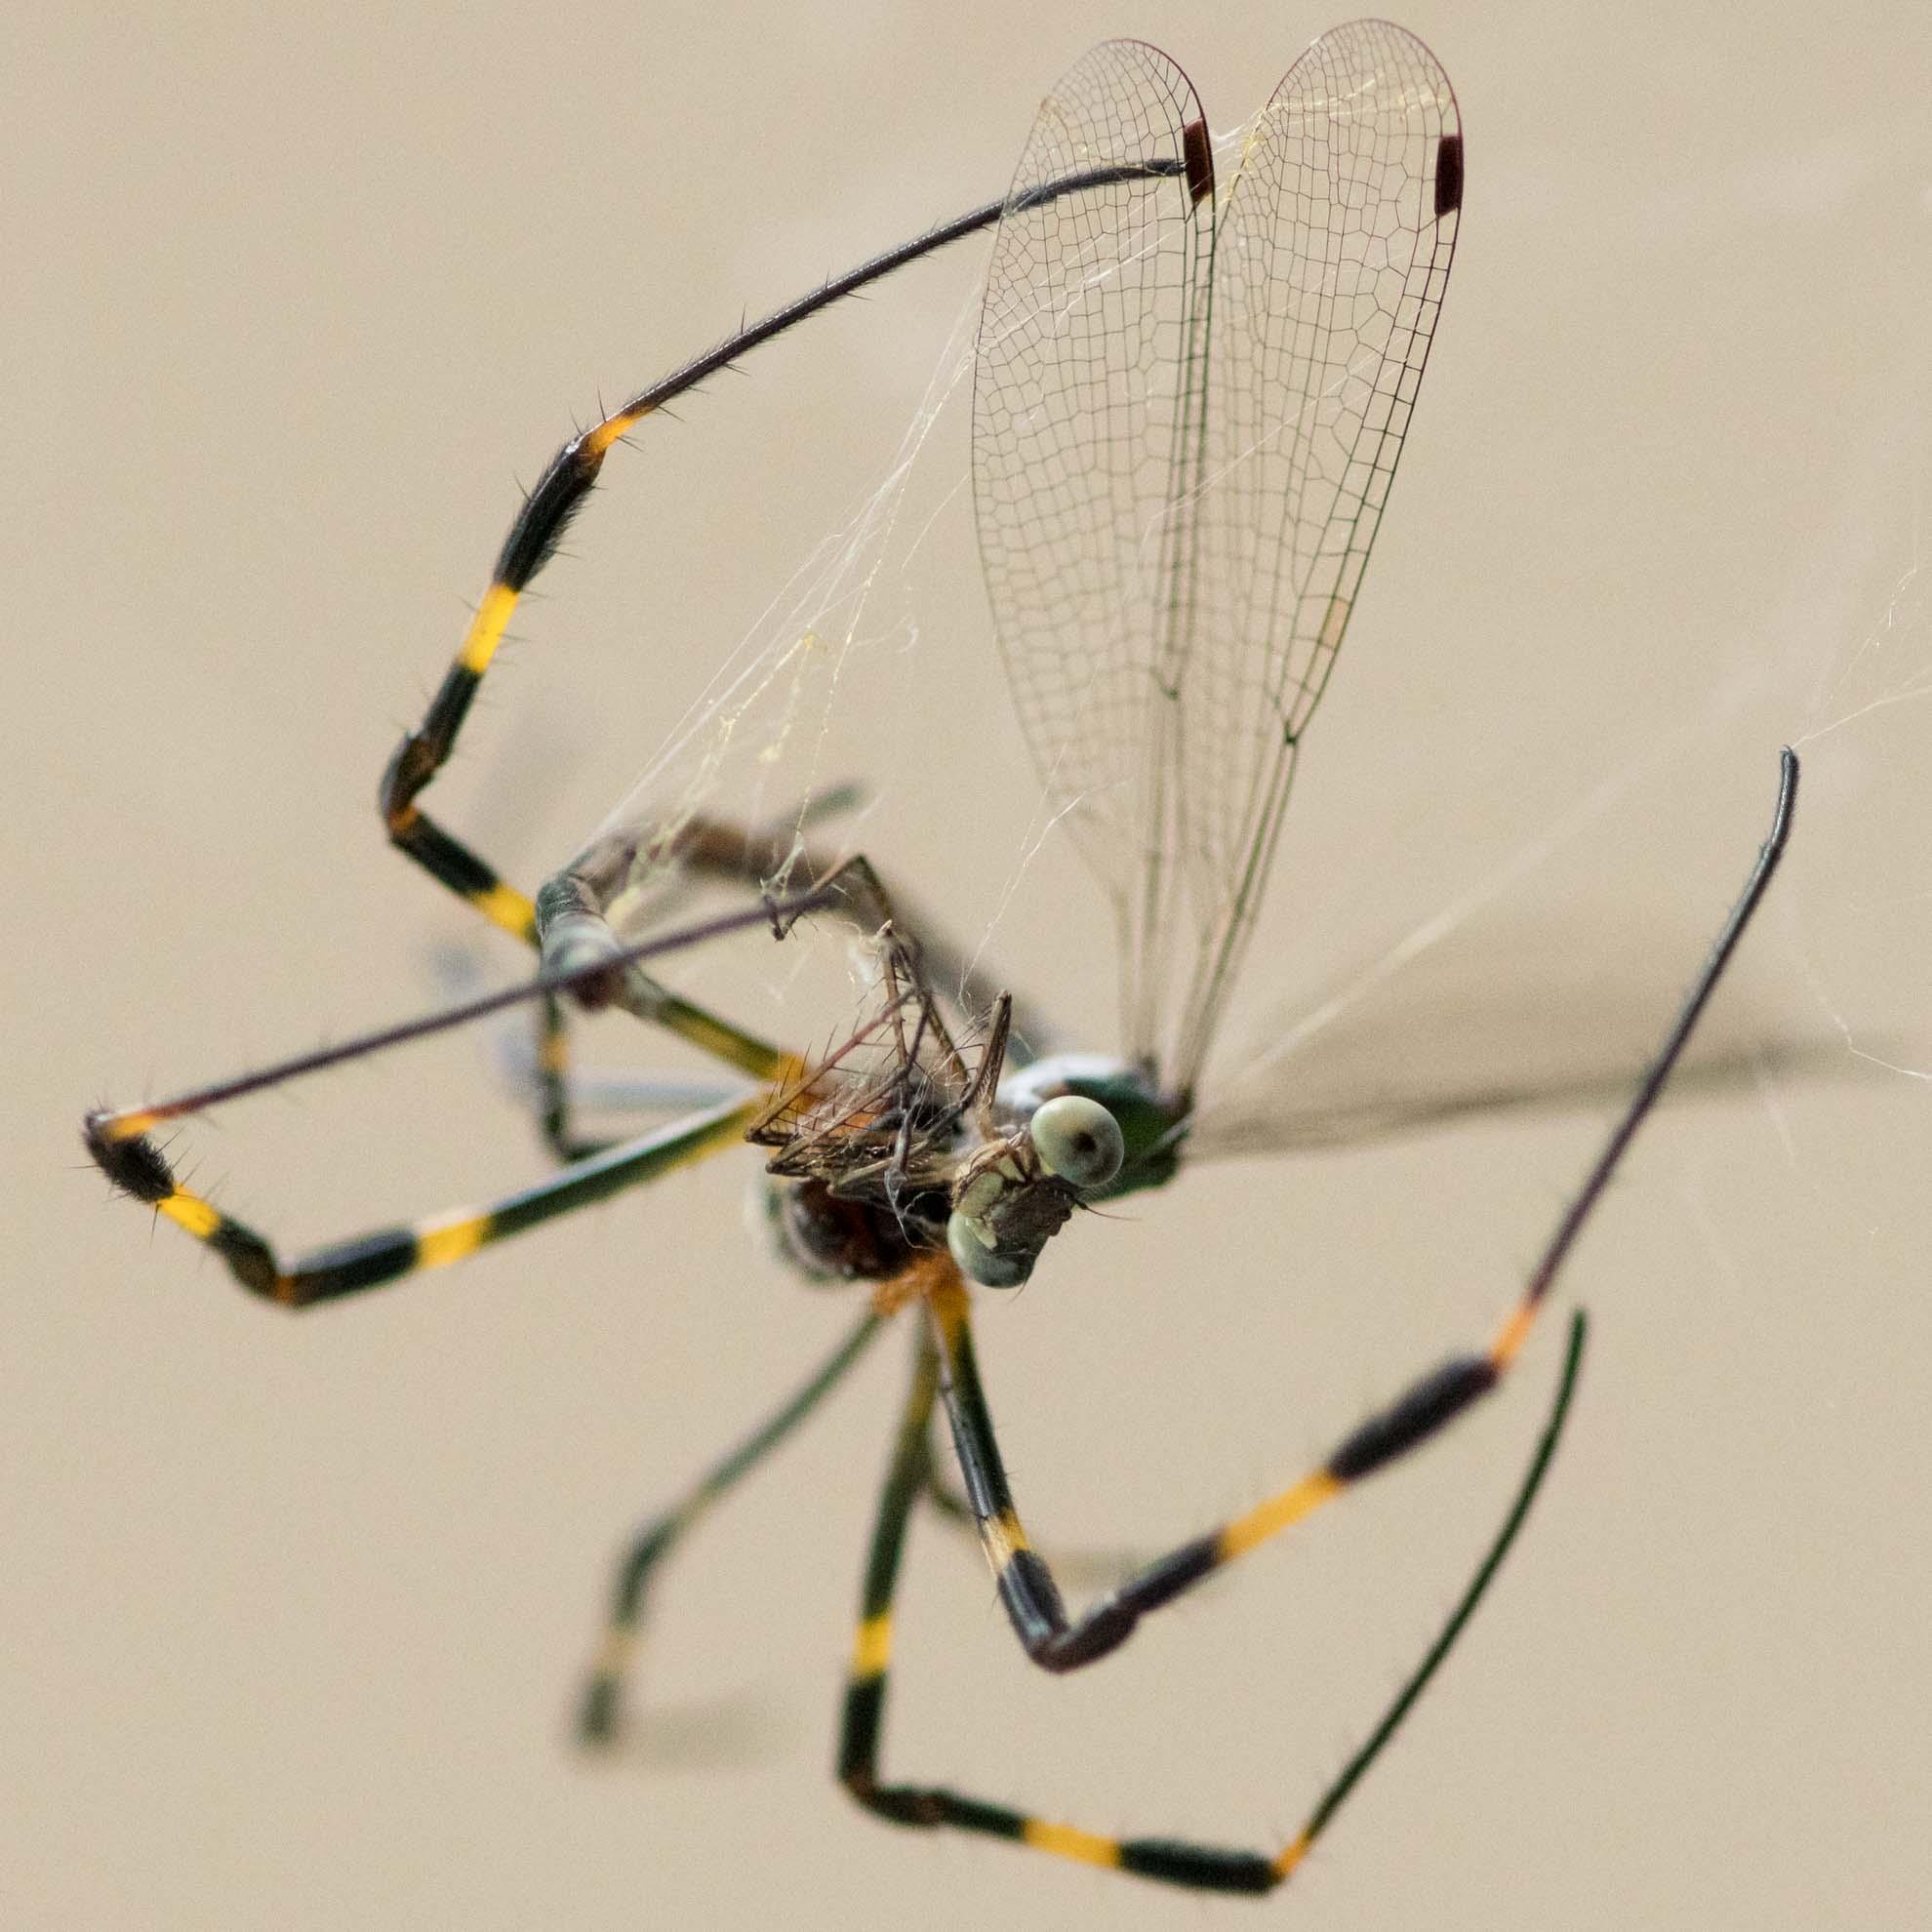 ジョロウグモがアオイトトンボを捕食中